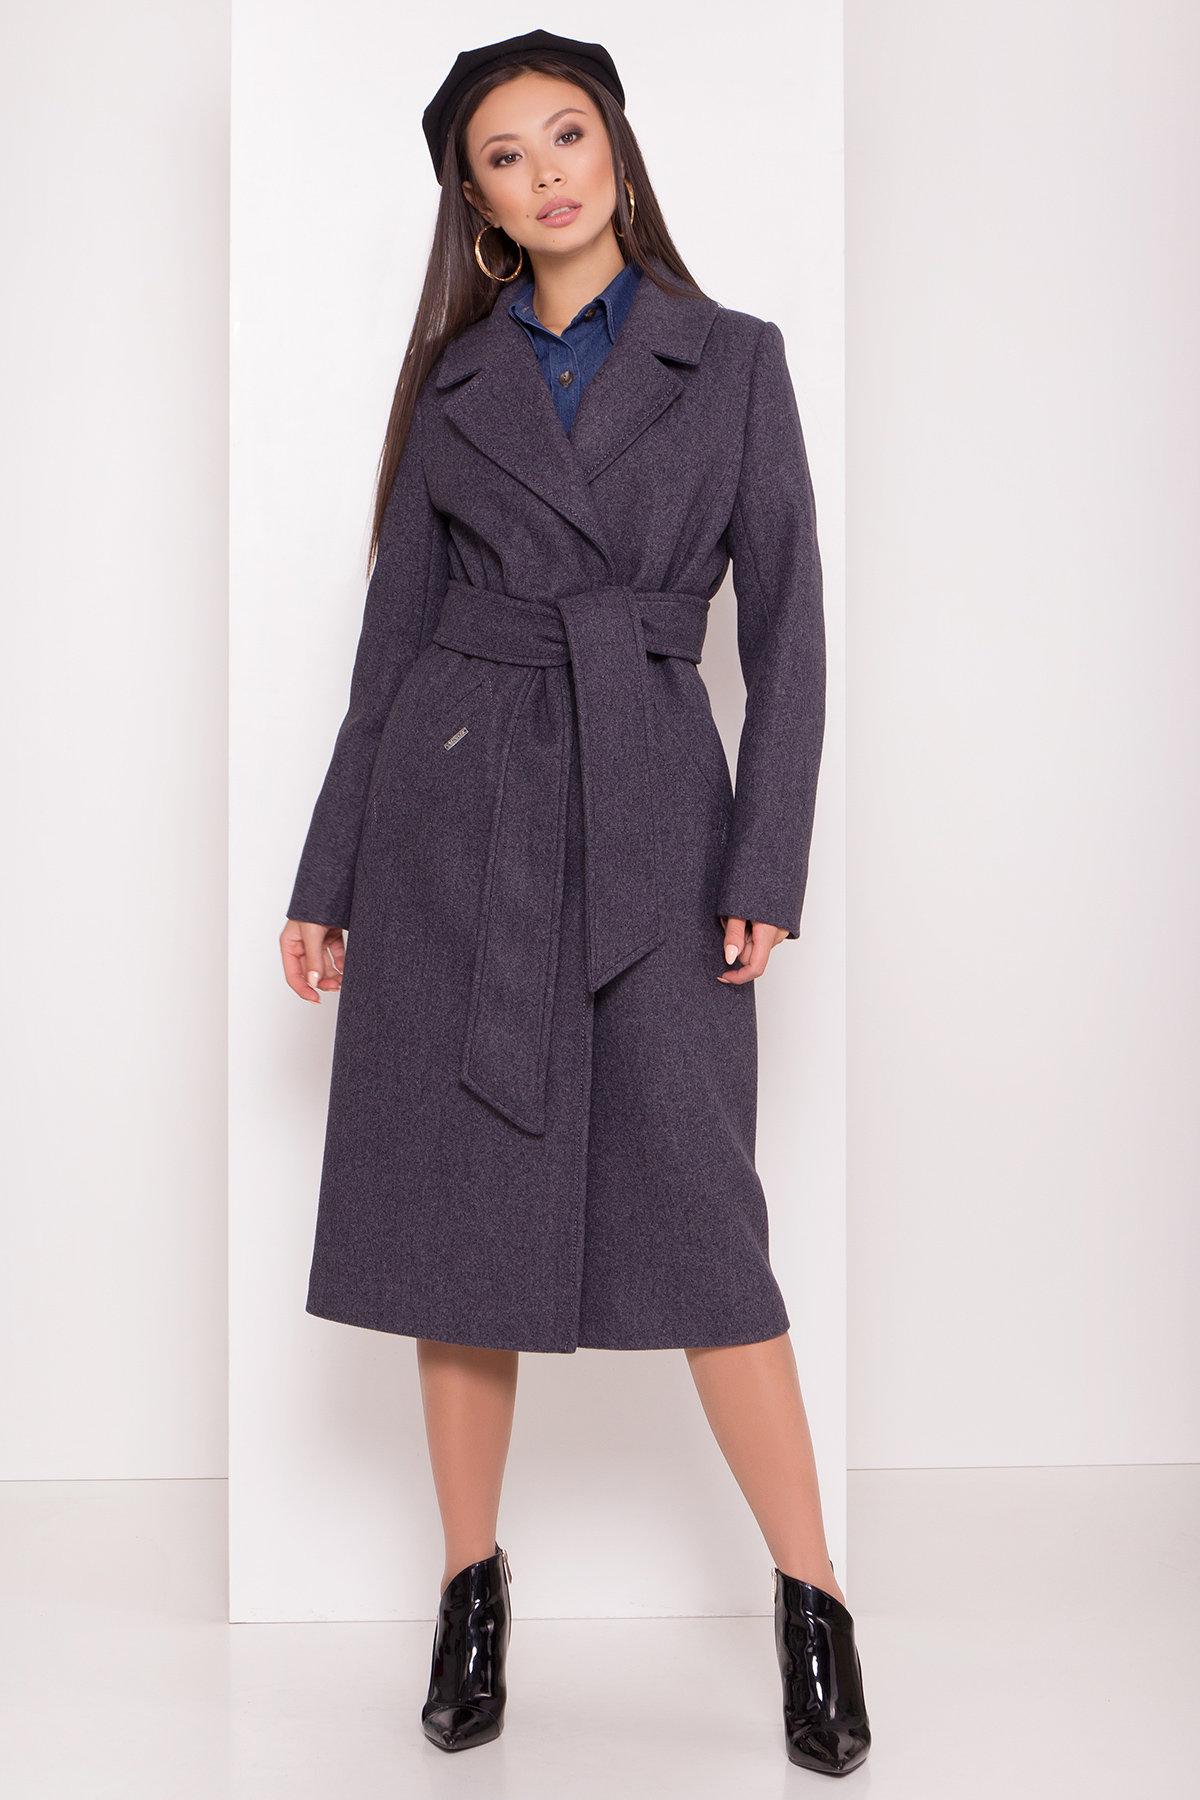 Пальто демисезонное женское Украина Modus Пальто с английским воротником Миссури макси 8107